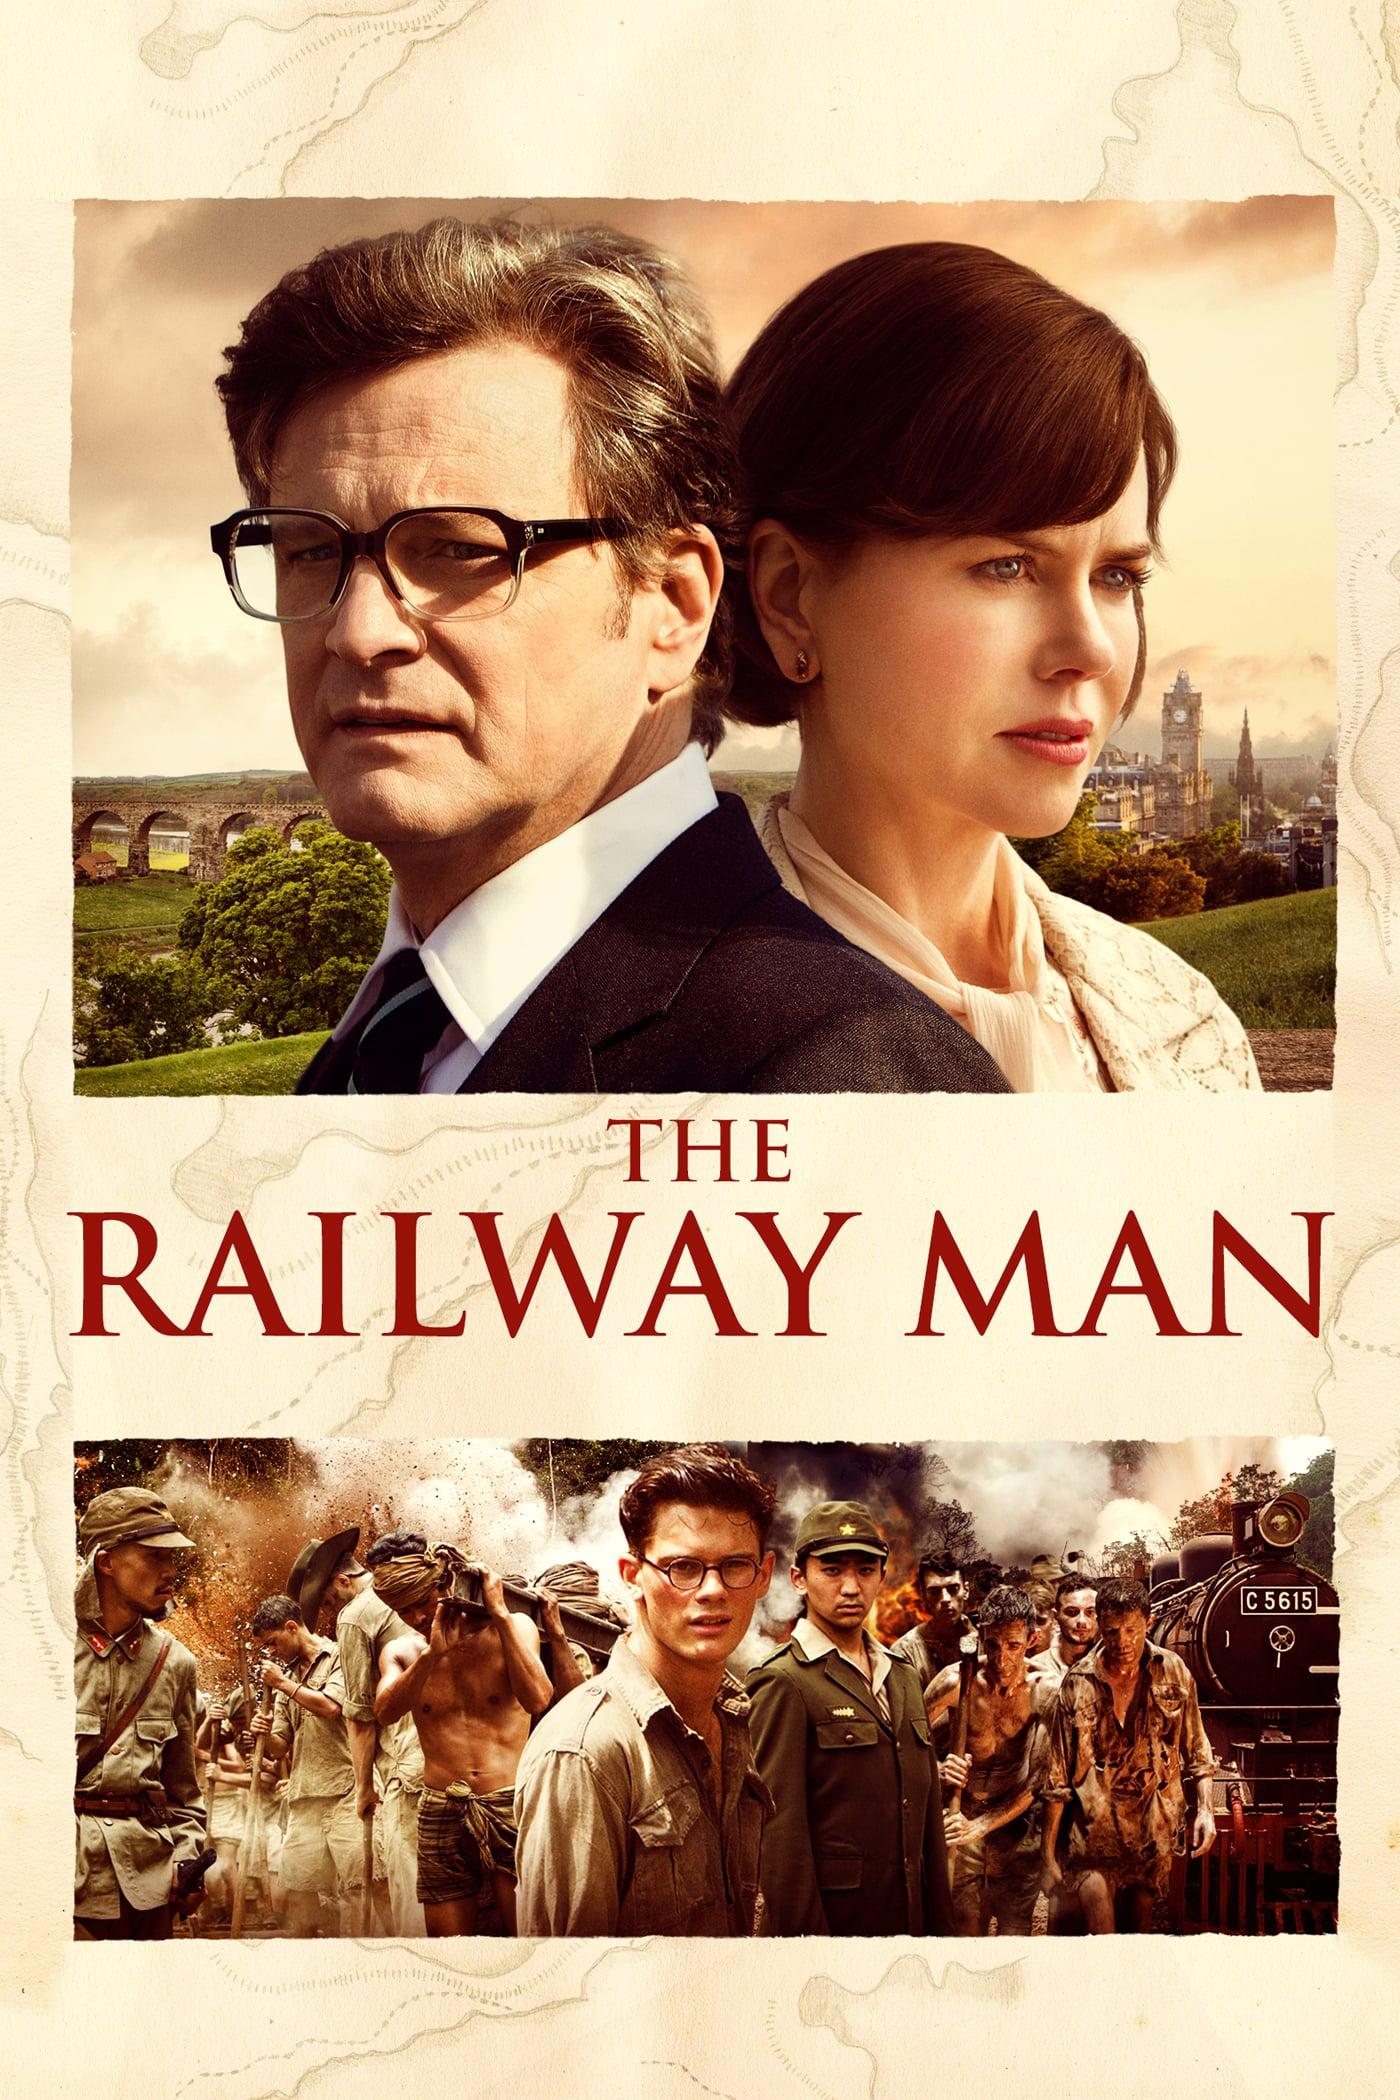 دانلود انیمیشن The Railway Man 2013 با دوبله فارسی